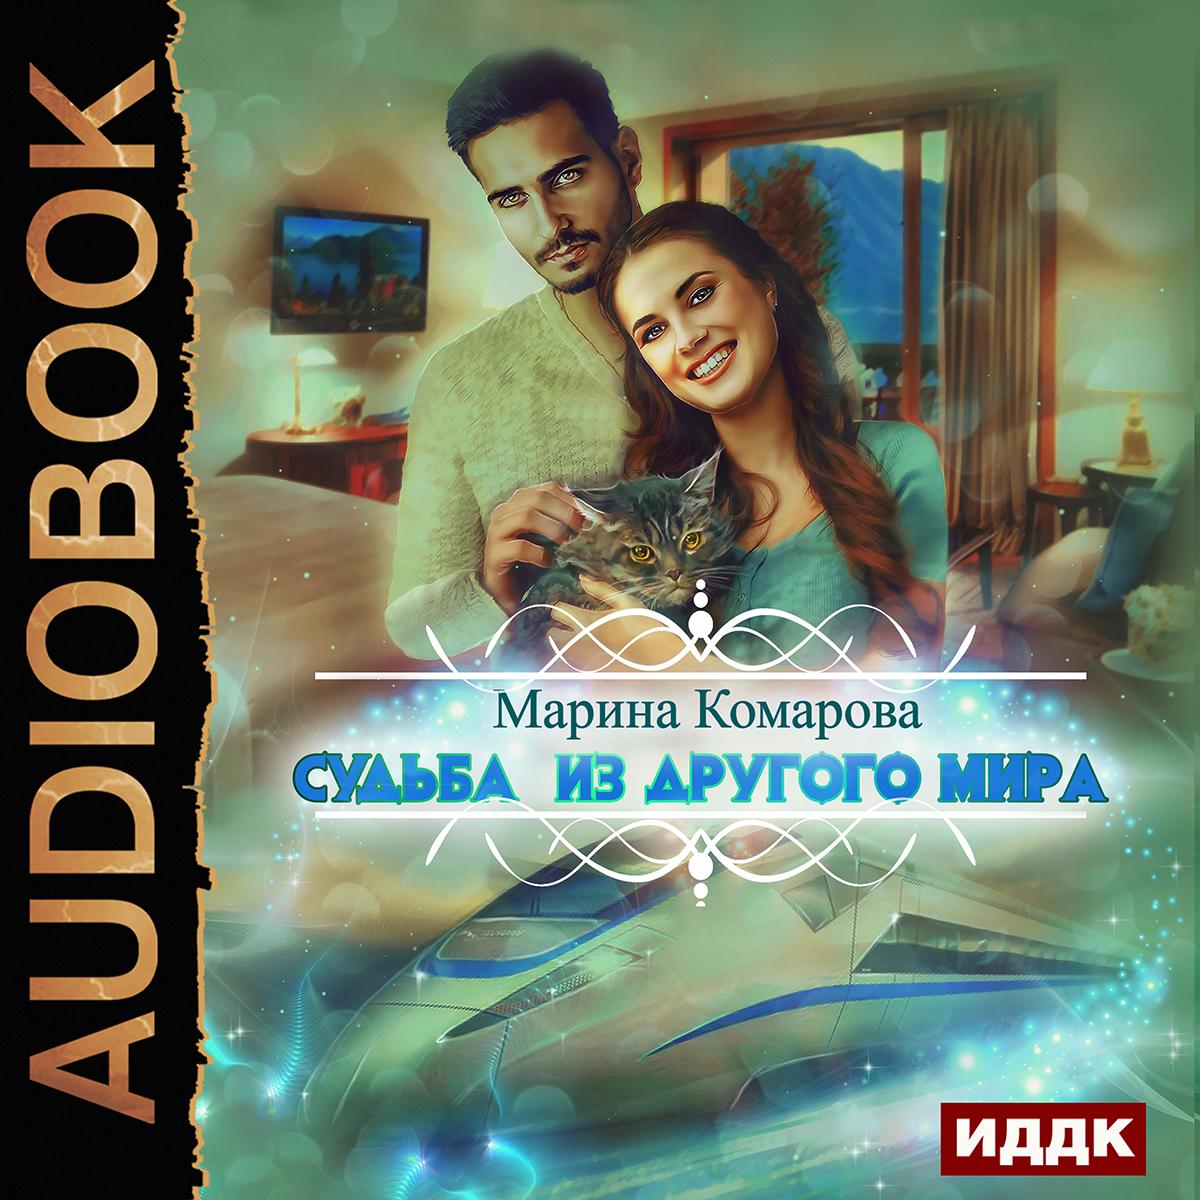 Комарова Марина / Судьба из другого мира (цифровая версия) (Цифровая версия)